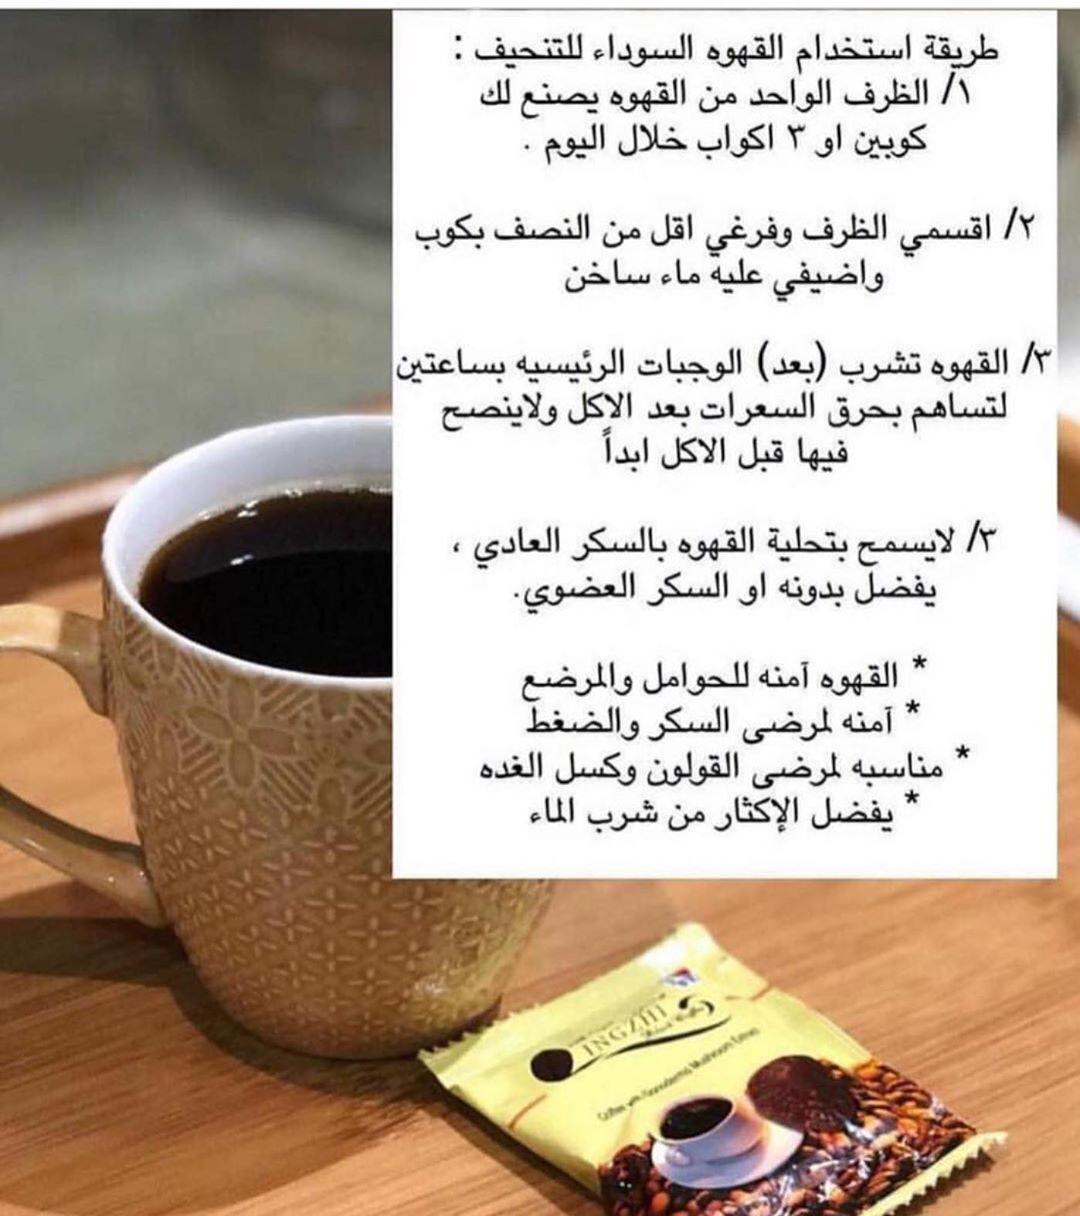 قهوة التخسيس فوائد قهوة لينجزي السوداء 1 تحسين الطاقة 2 ممتازة لمرضى السكري 3 تحسن المزاج وتقضي على الإكتئاب Health And Nutrition Health Glassware